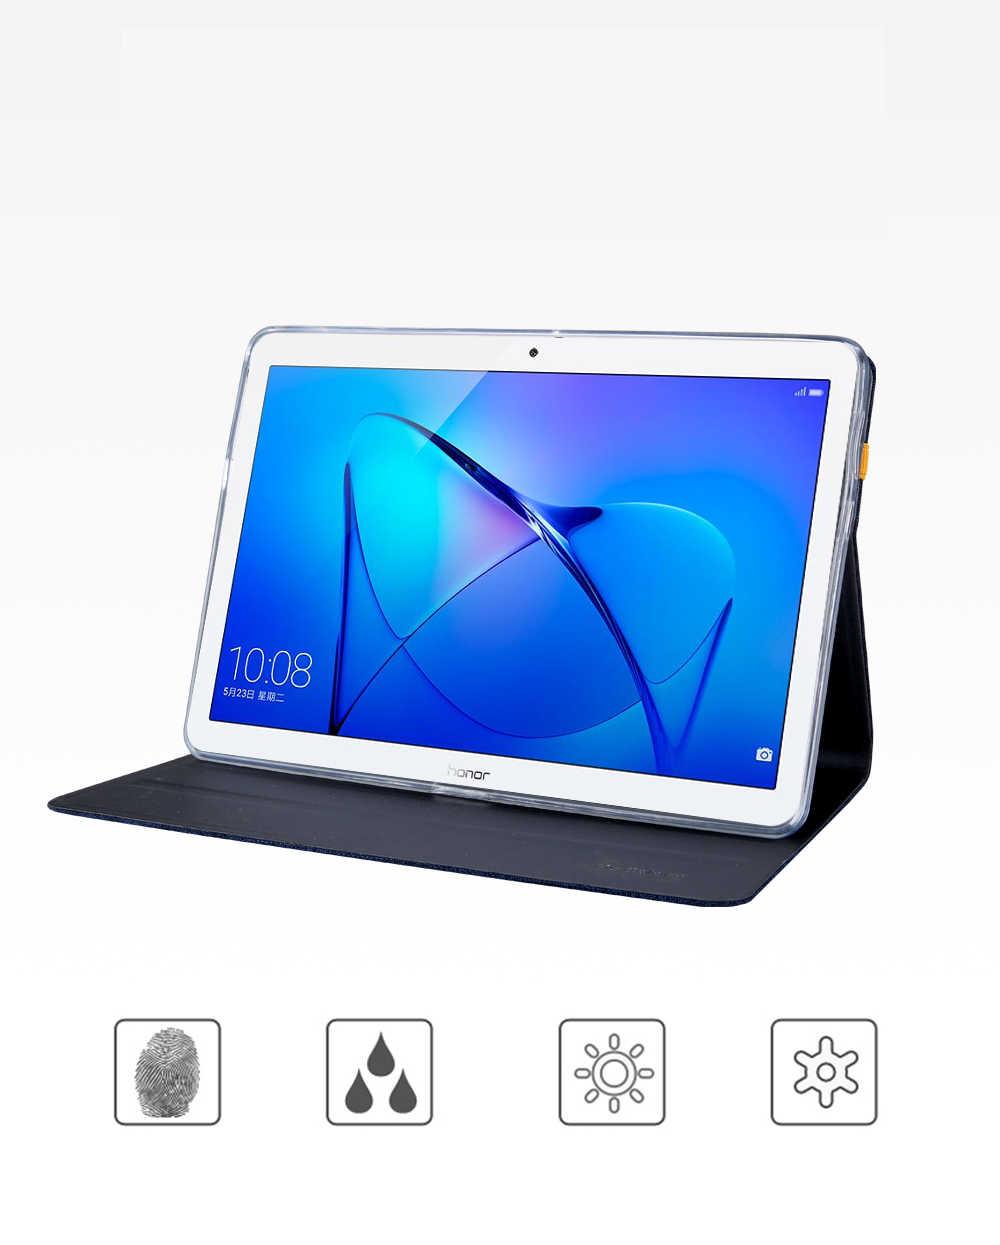 Силиконовый чехол + ткань из искусственной кожи чехол для huawei MediaPad T3 10 AGS-L09/W09/L03 9,6 ''планшет Smart Sleep чехол Чехол-подставка для планшета в виде ракушки